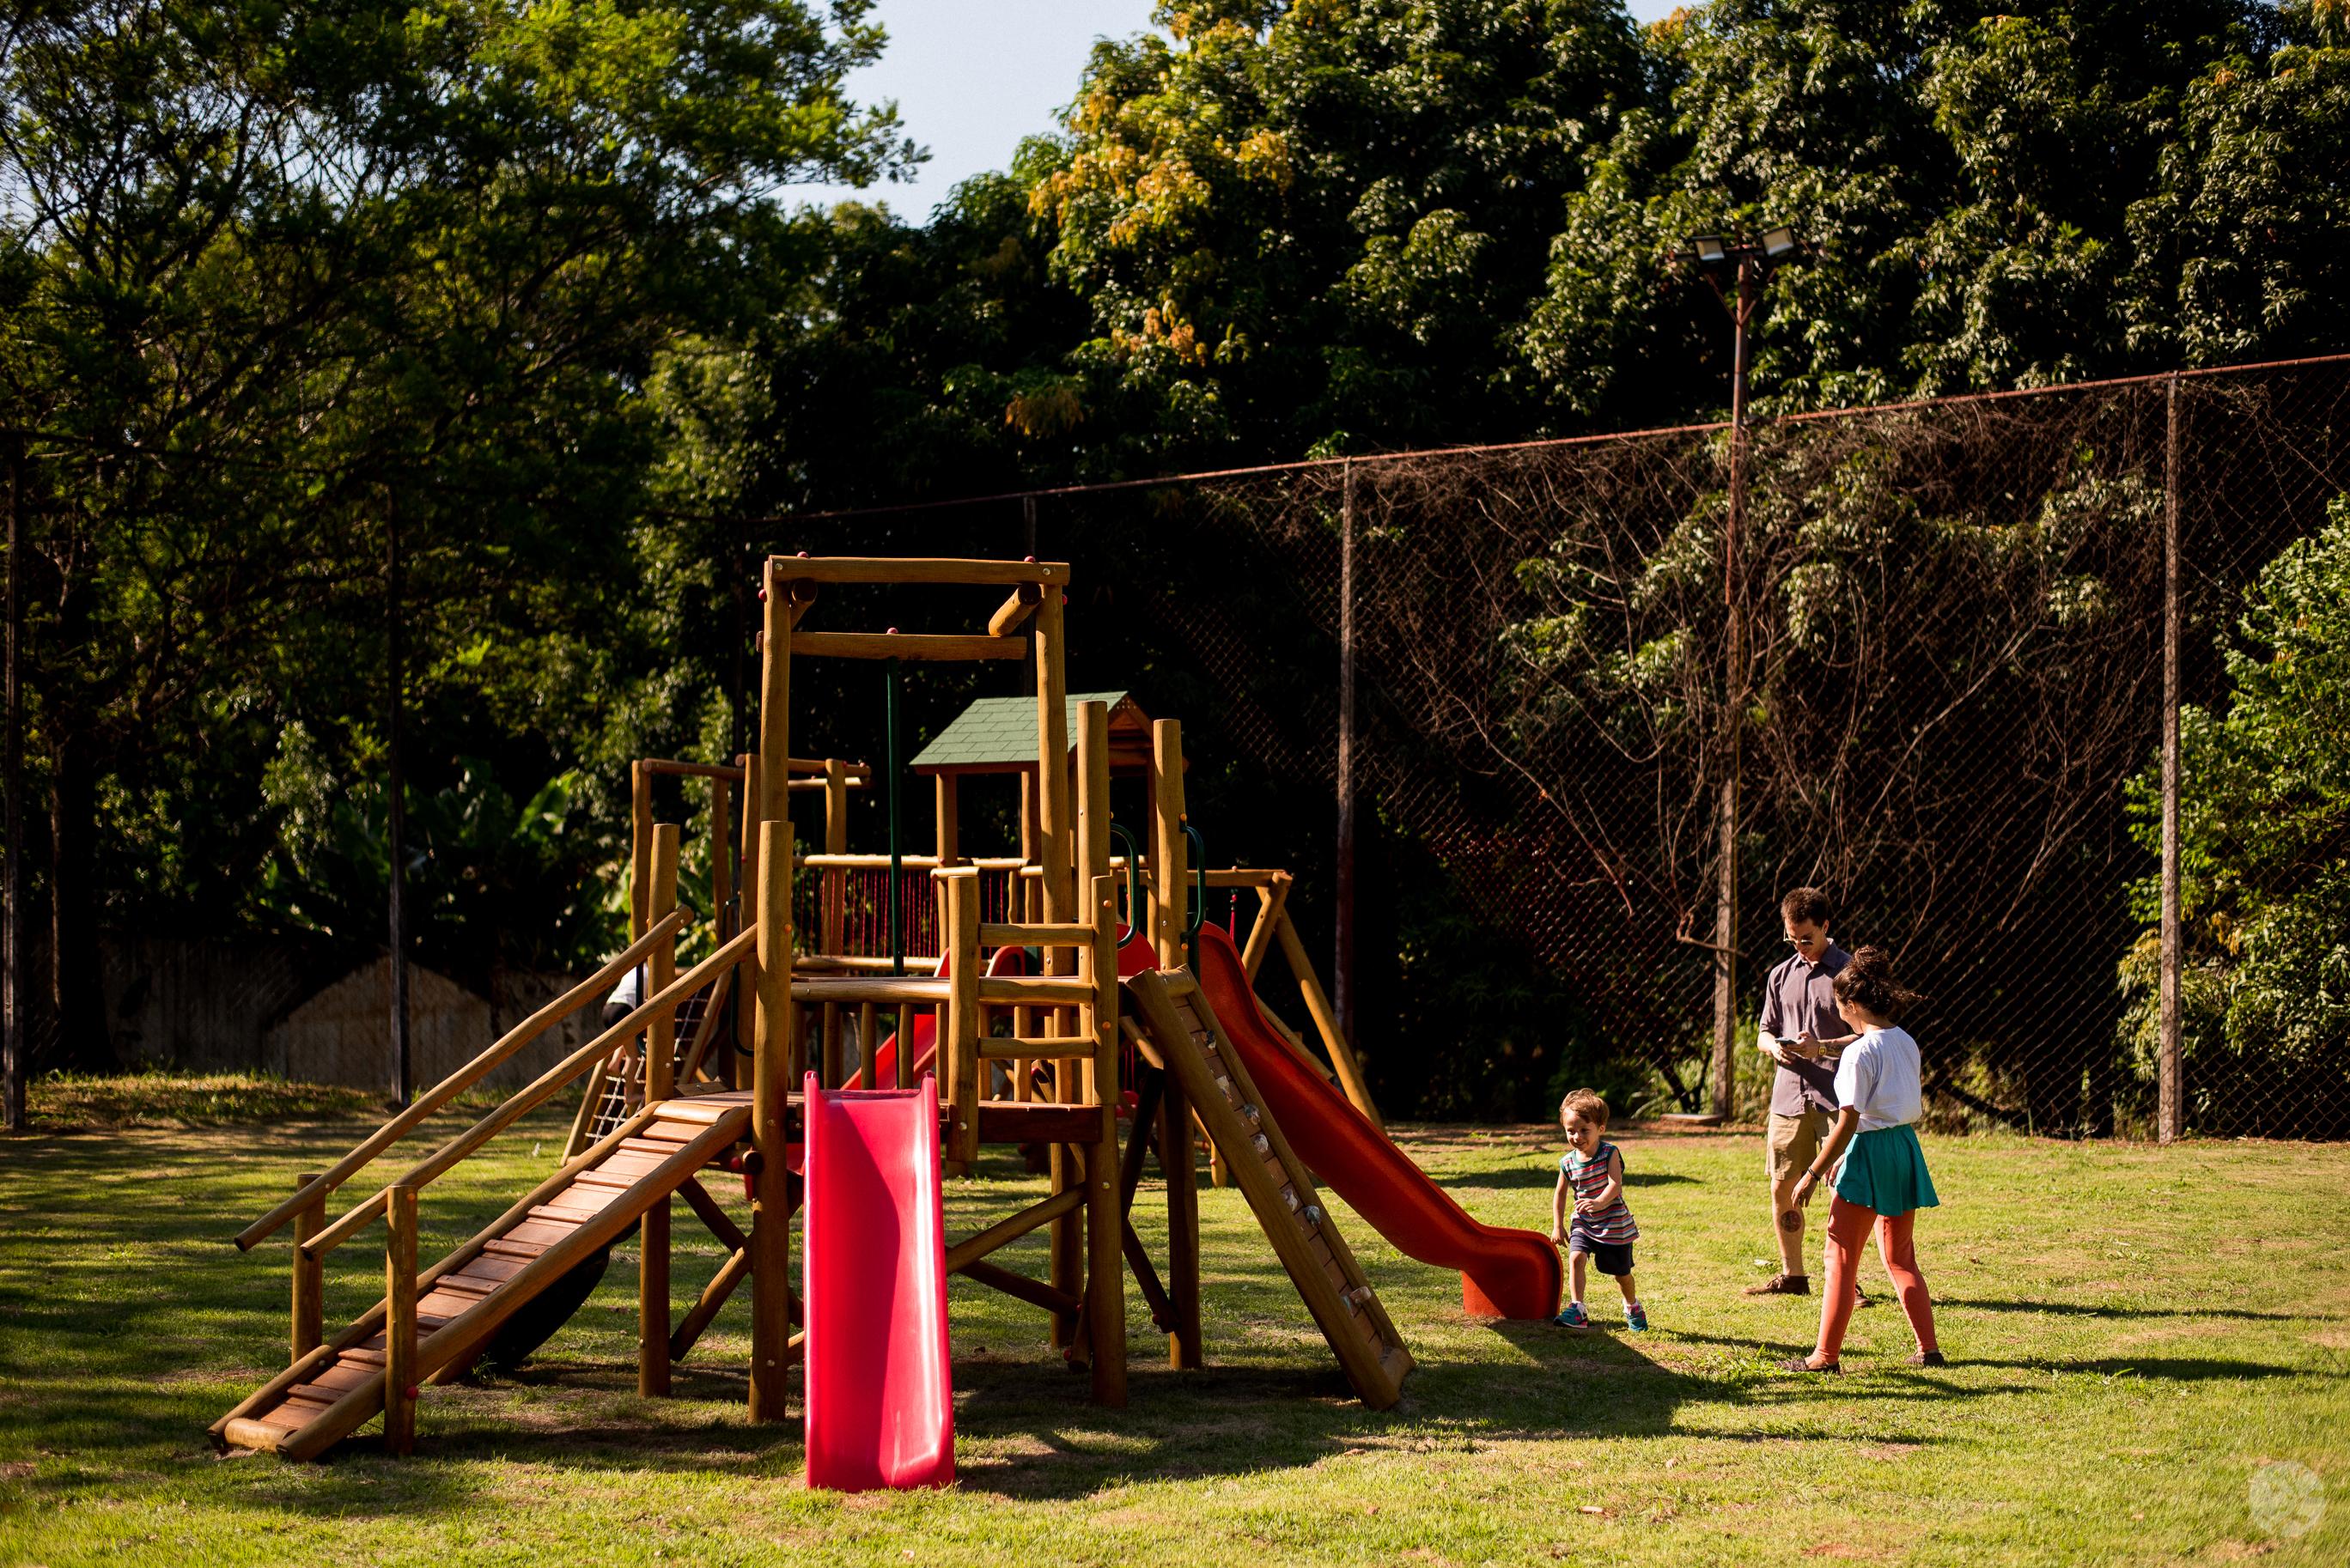 Playground de eucalipto